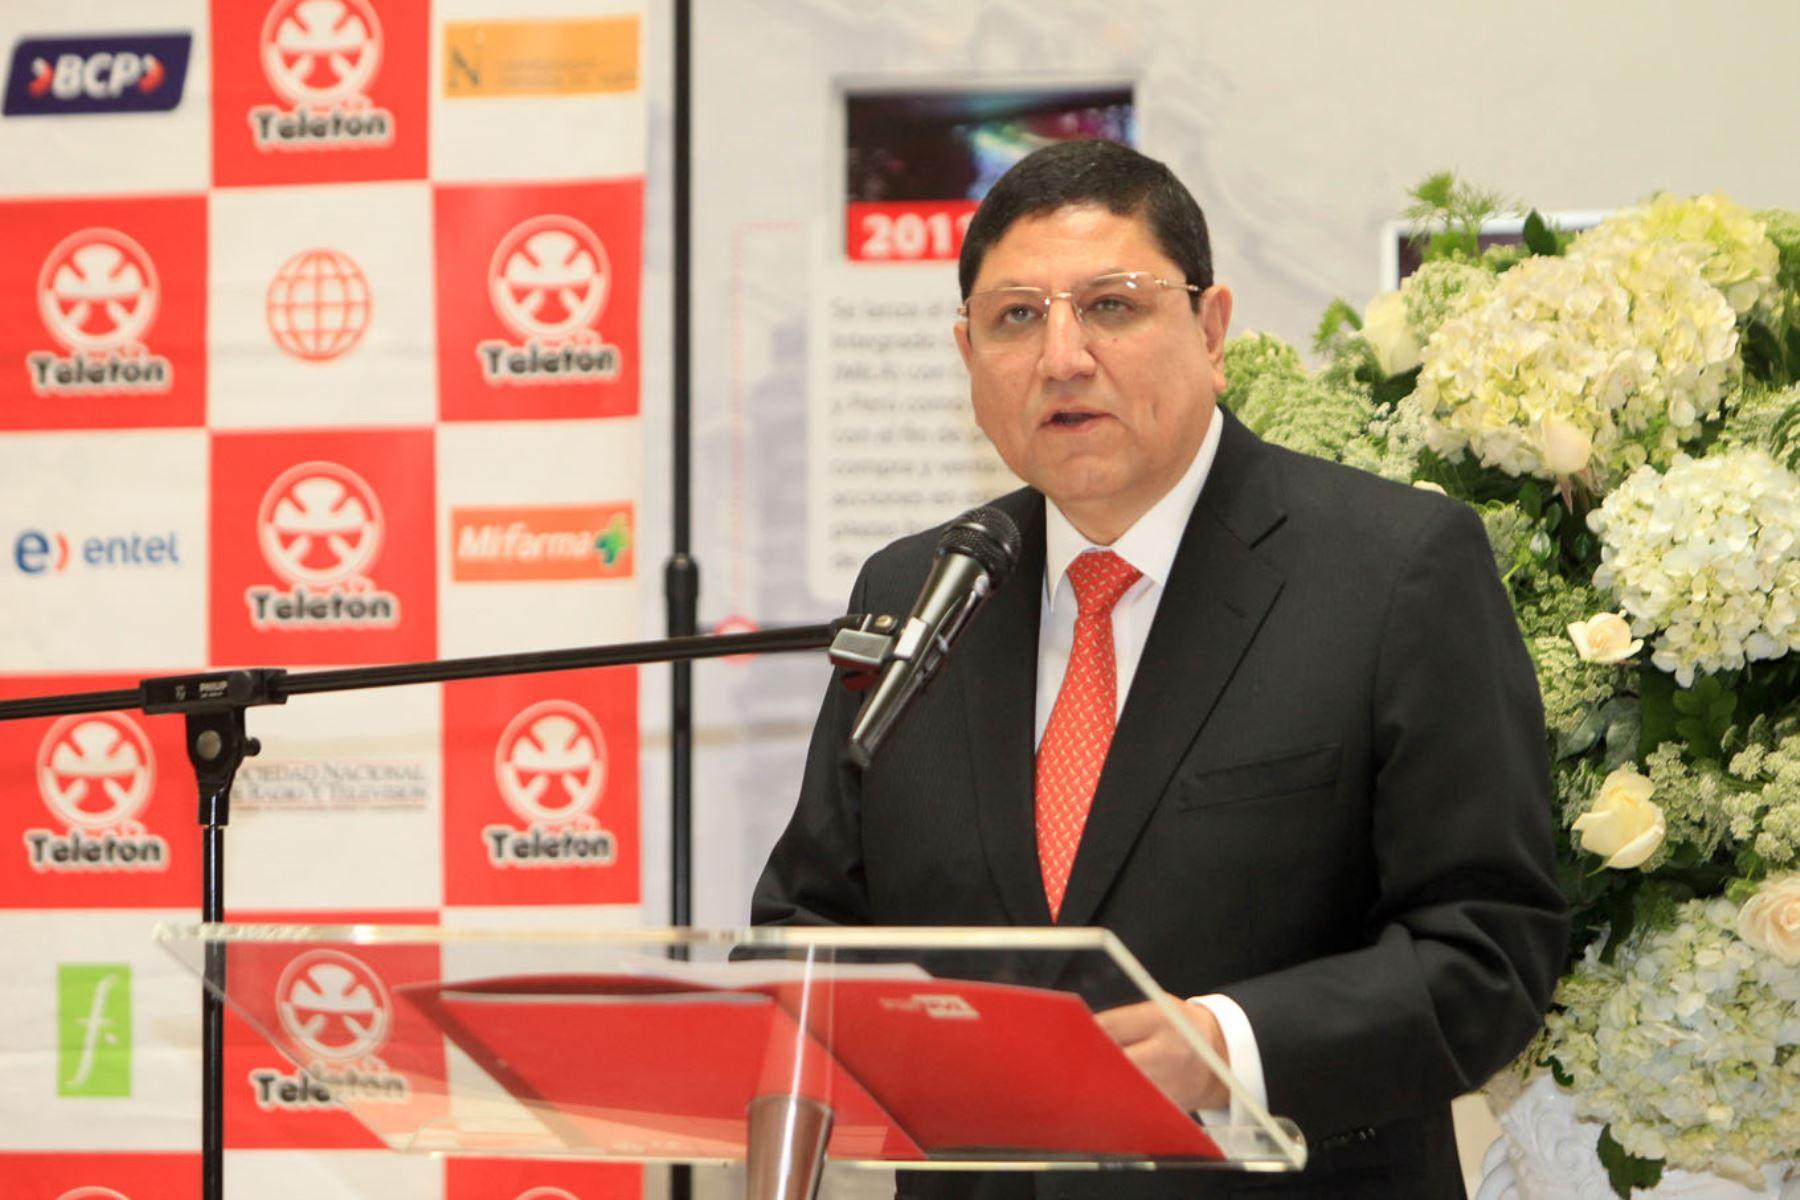 Presidente de la Bolsa de Valores de Lima afirma que en las últimas semanas se observó el regreso de inversionistas extranjeros. ANDINA/Héctor Vinces